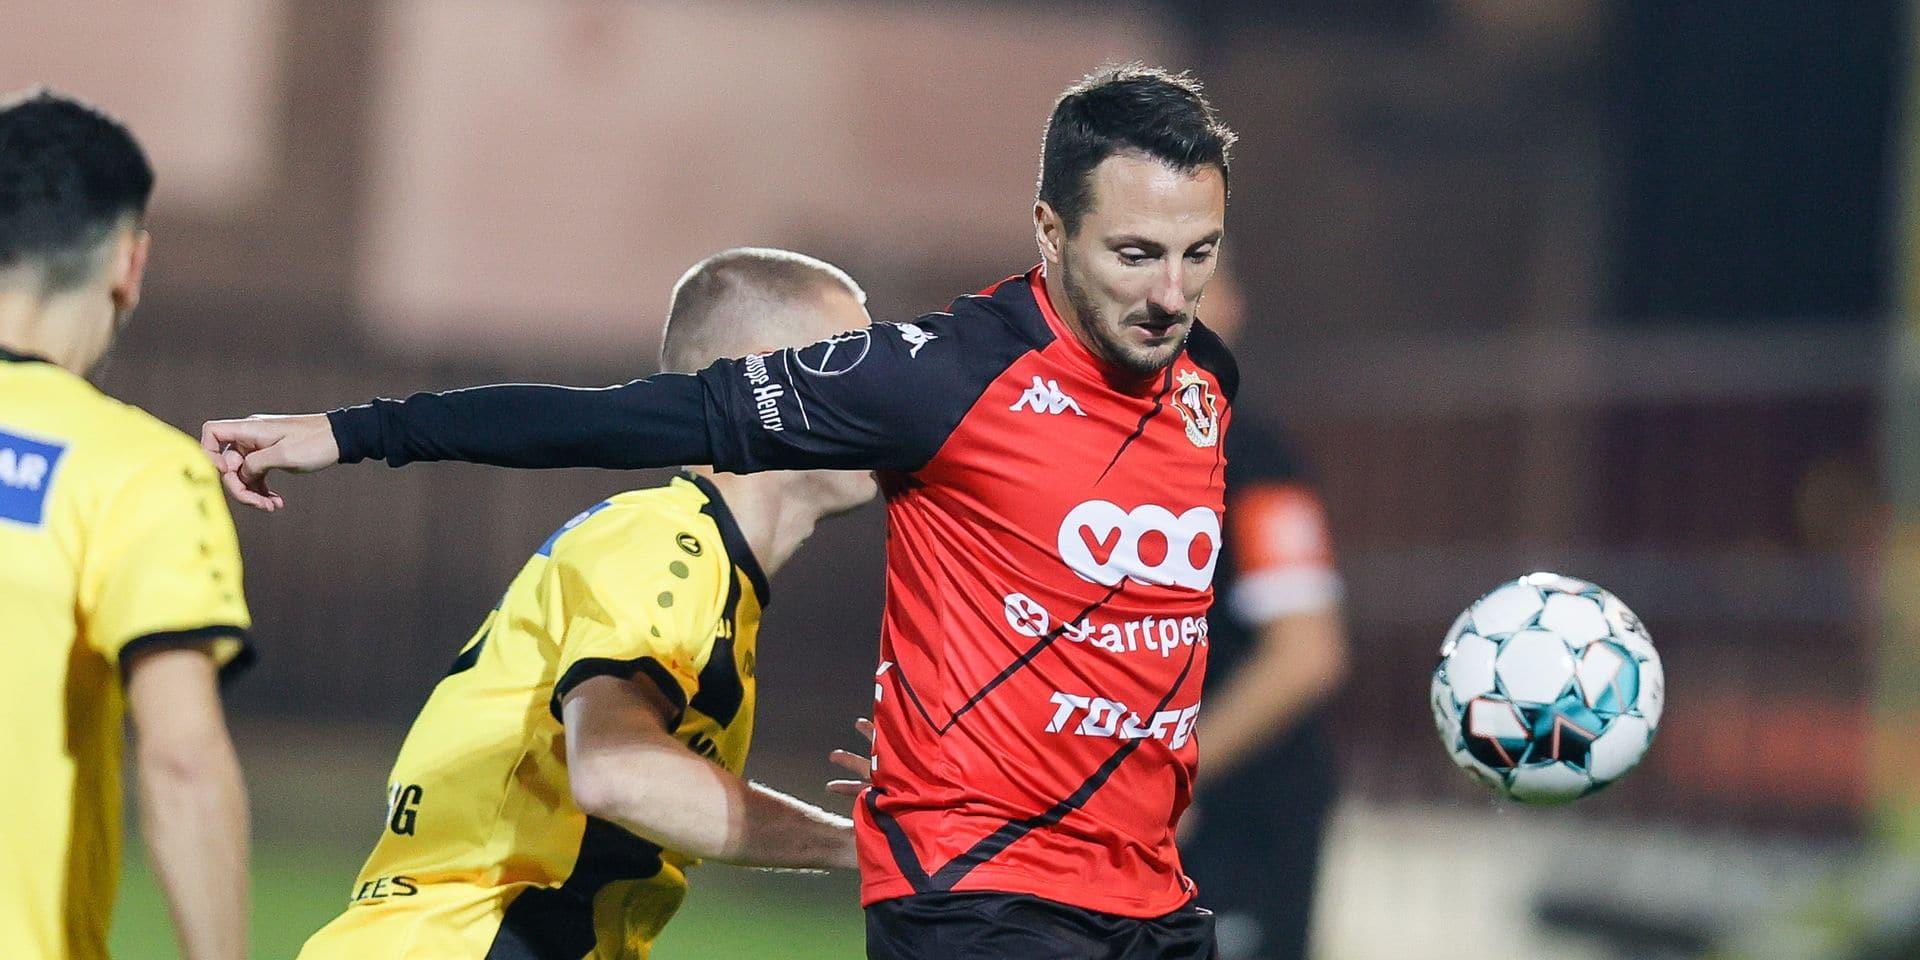 """Danijel Milicevic a fait ses débuts avec le RFC Seraing: """"Je ne me suis pas fatigué aussi vite que je le craignais"""""""